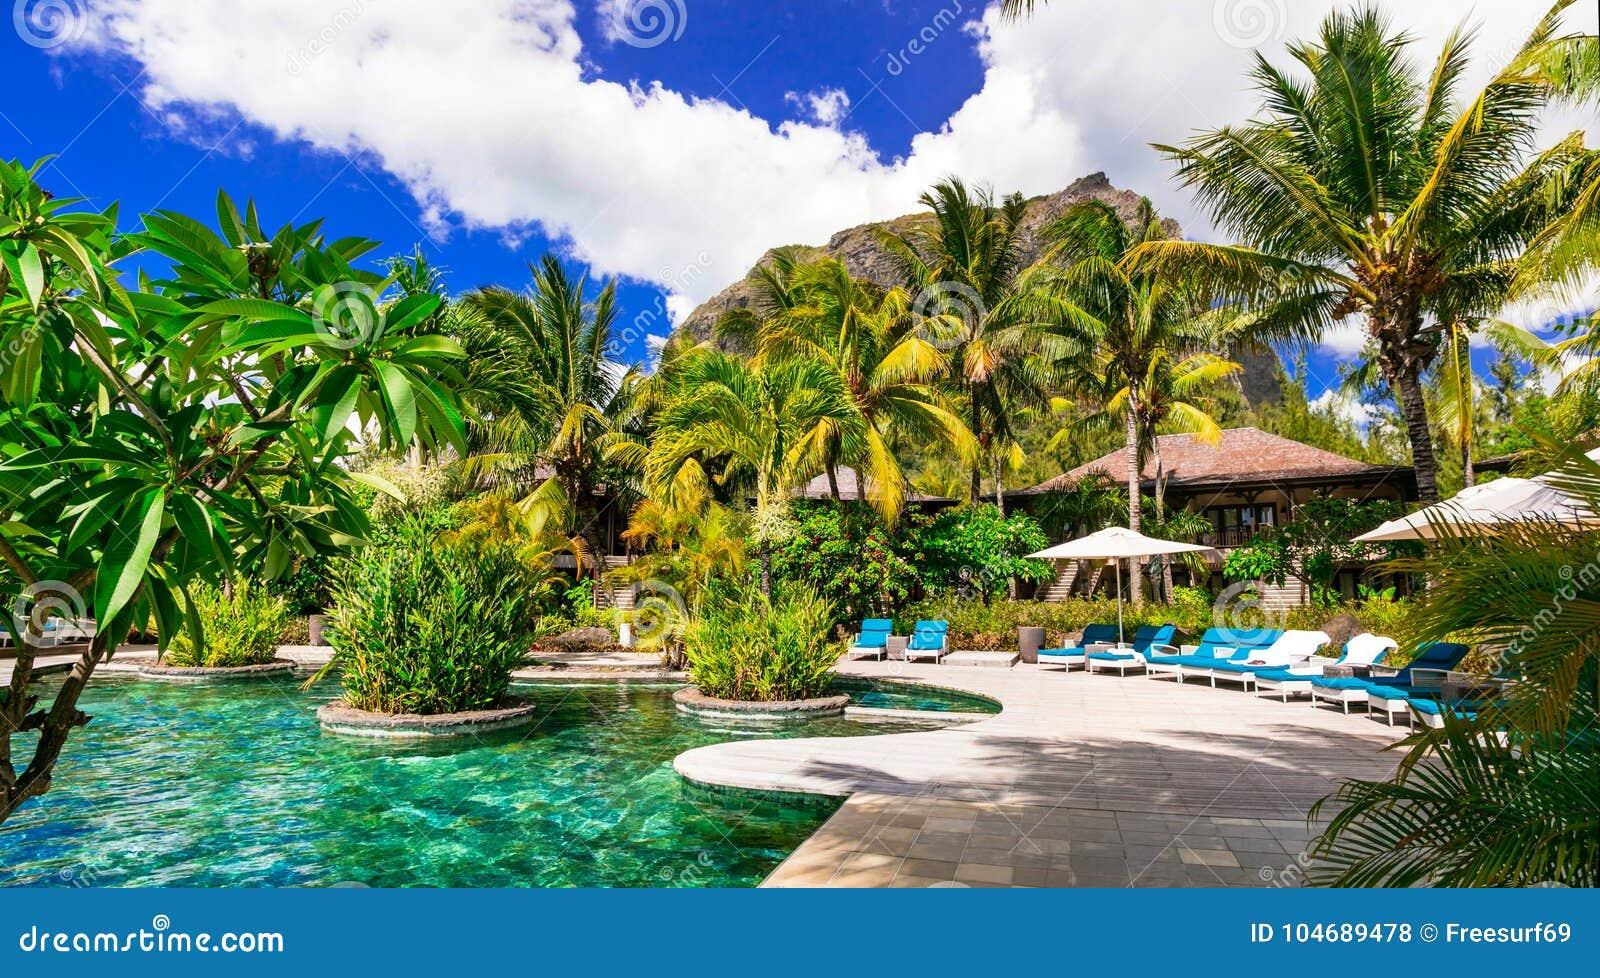 Роскошные тропические праздники Бассейн заплыва и расслабляющая территория курорта,